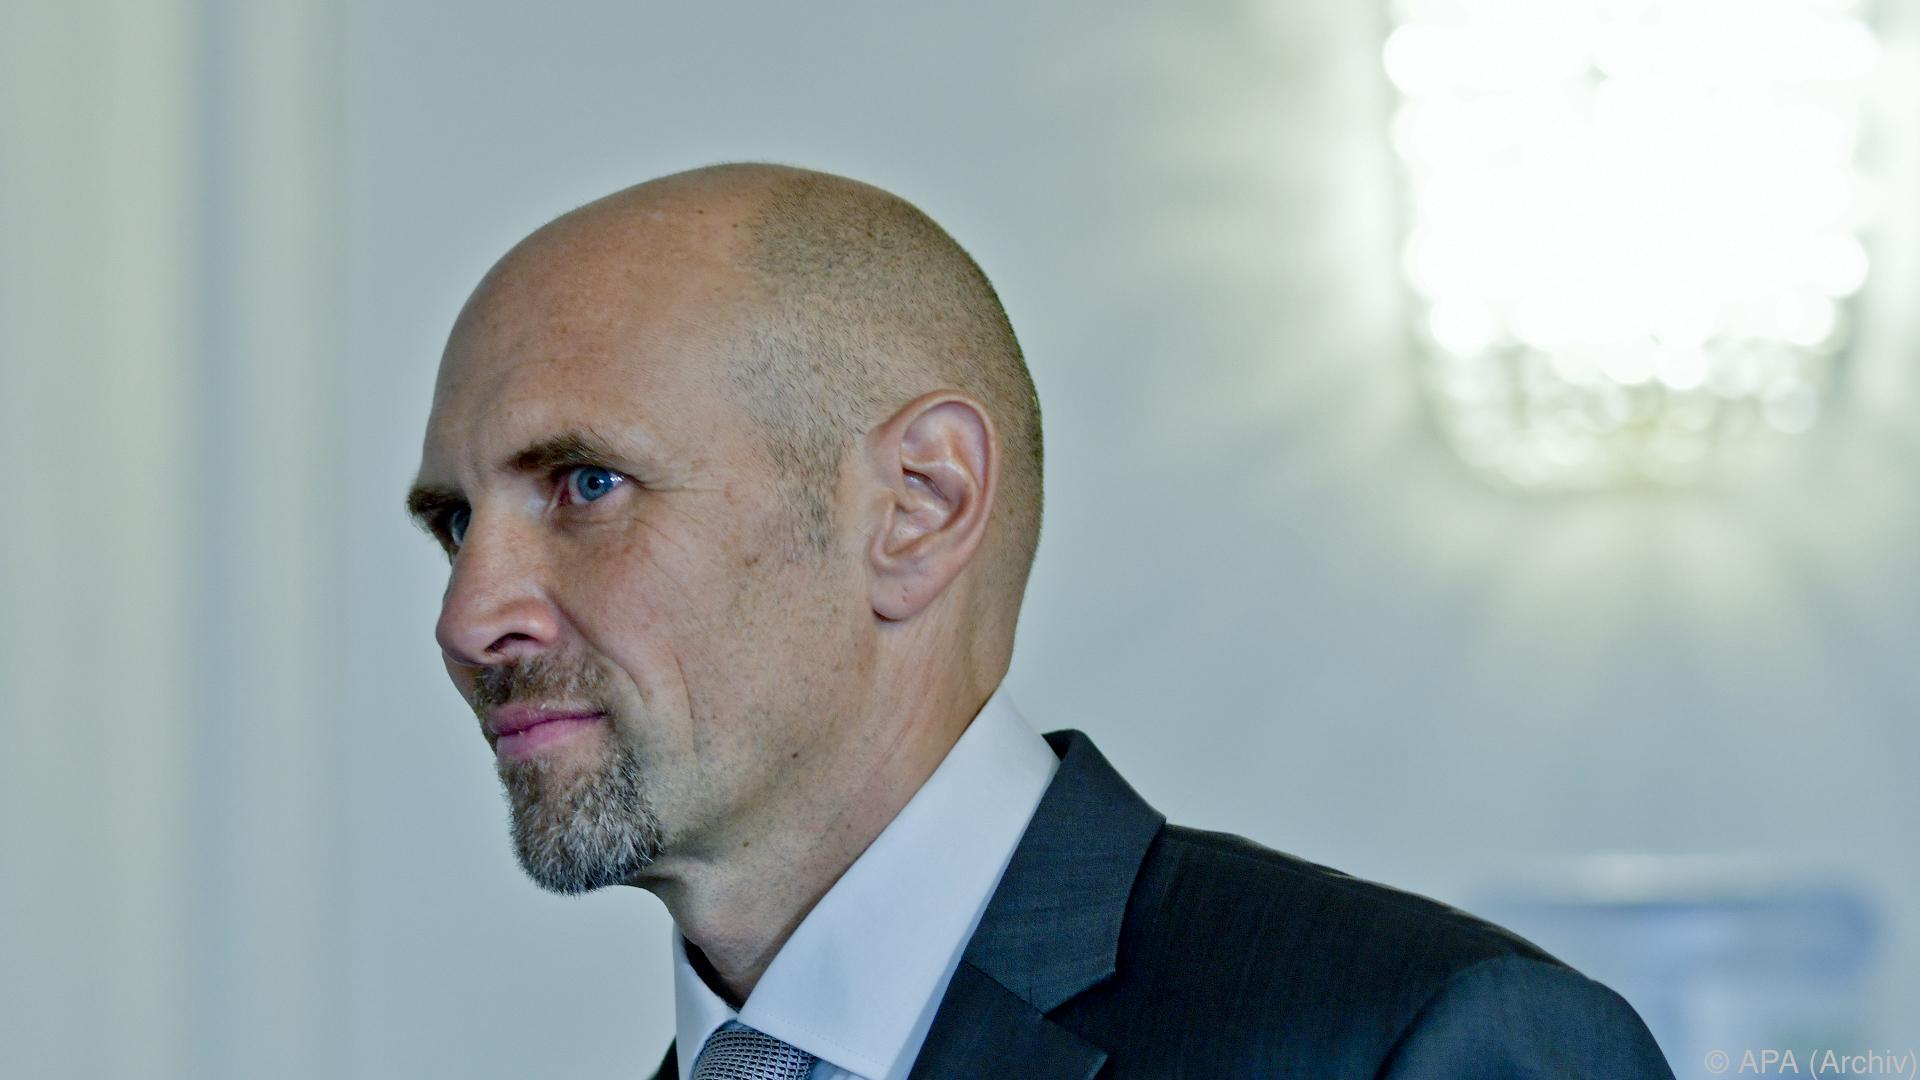 Stellvertretender BVT-Direktor Fasching versetzt